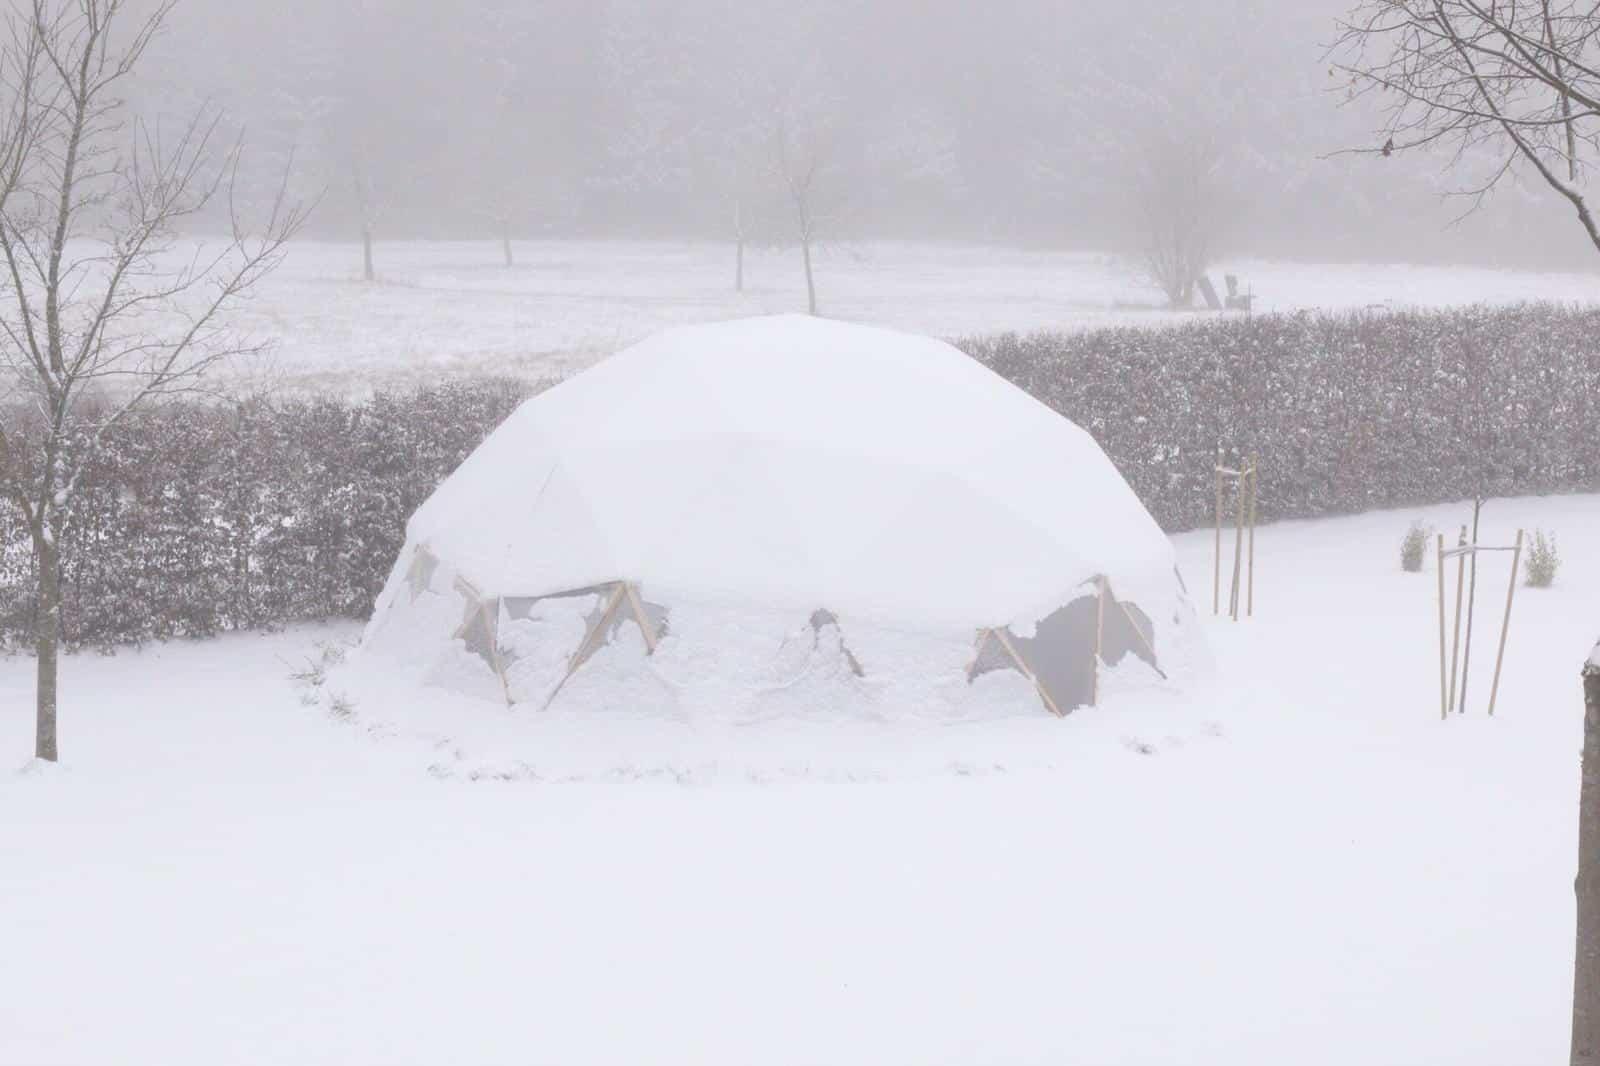 Erfahrungsbericht - FUTURUM DOMES Bausatz Constans (Teil 4) - Greendome im schnee